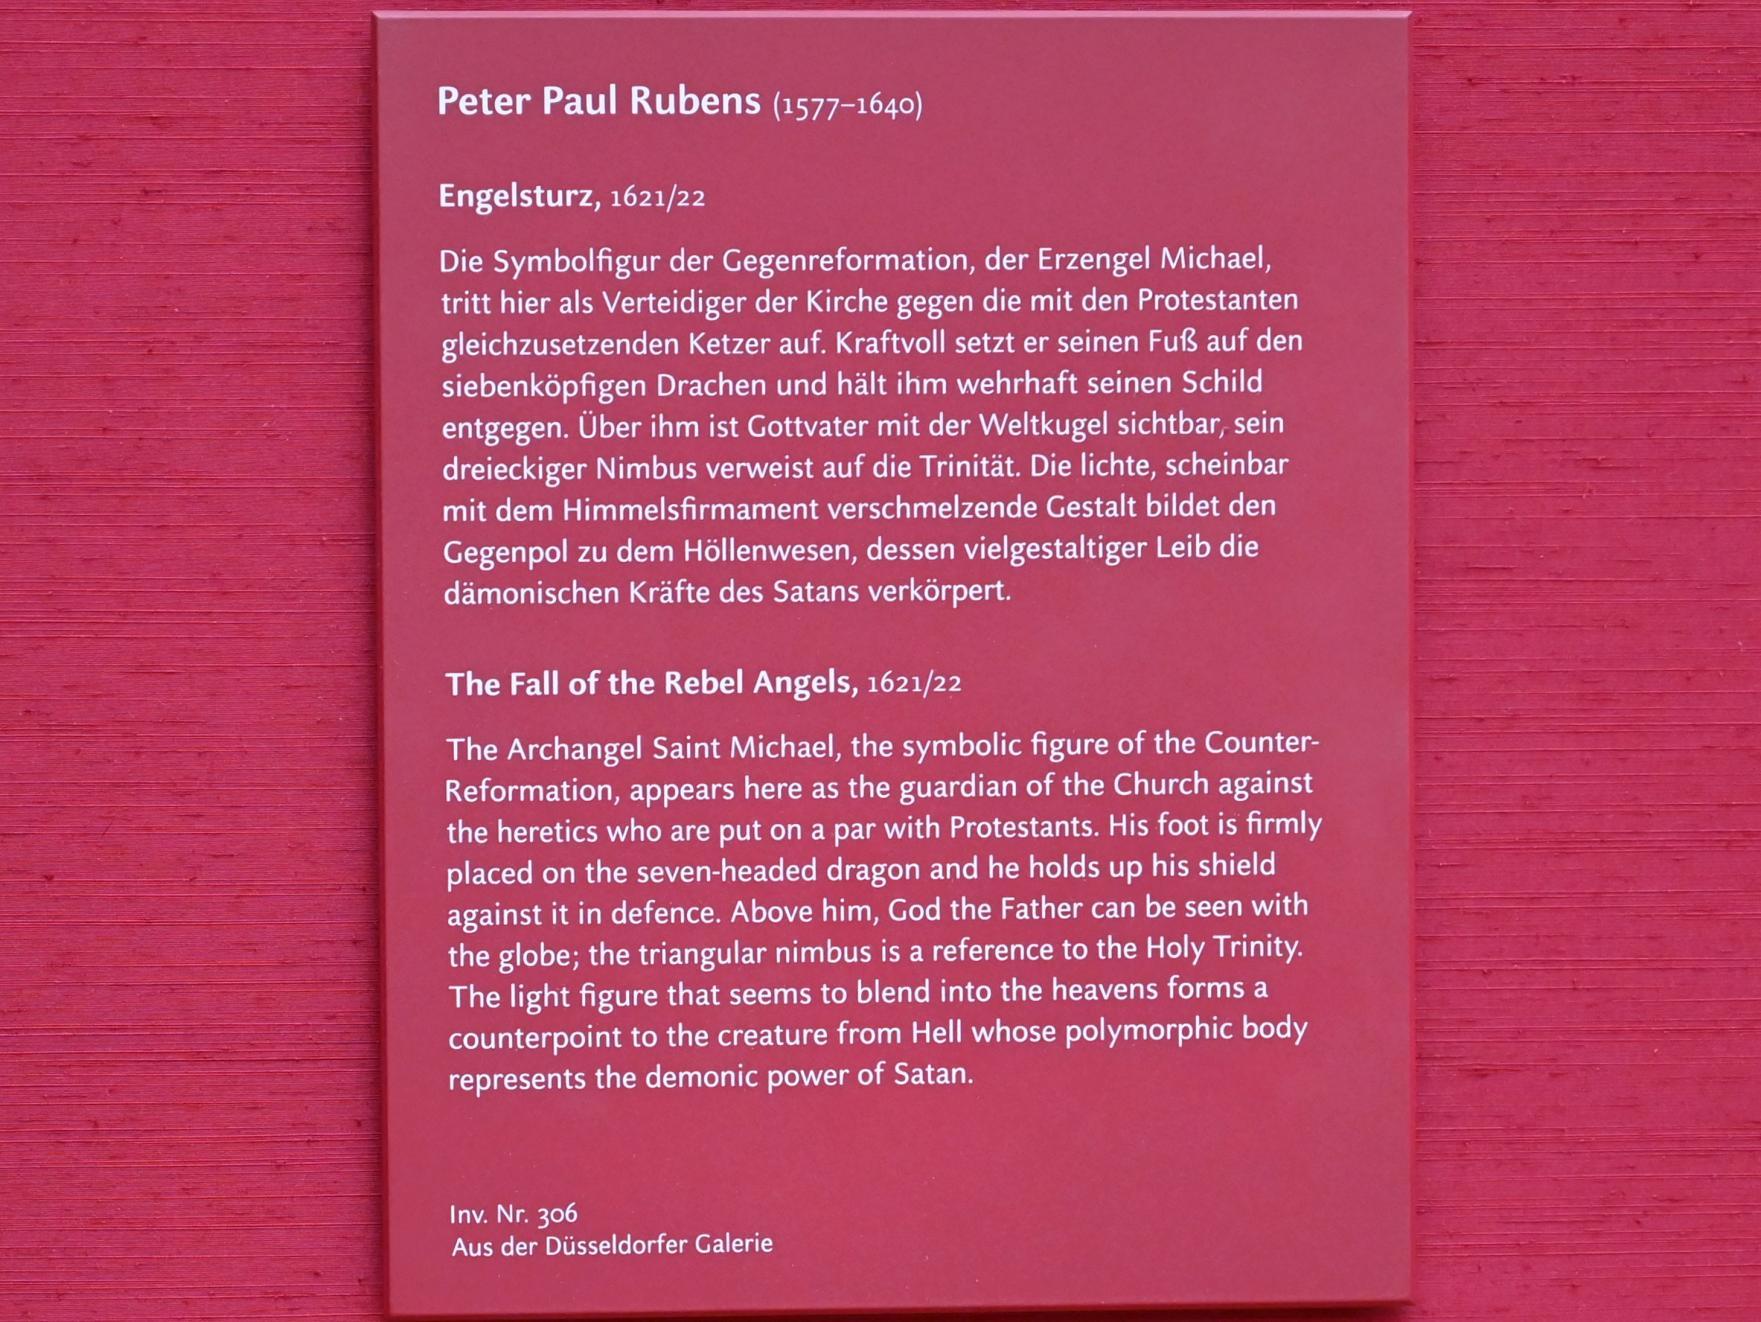 Peter Paul Rubens: Der Engelsturz, 1621 - 1622